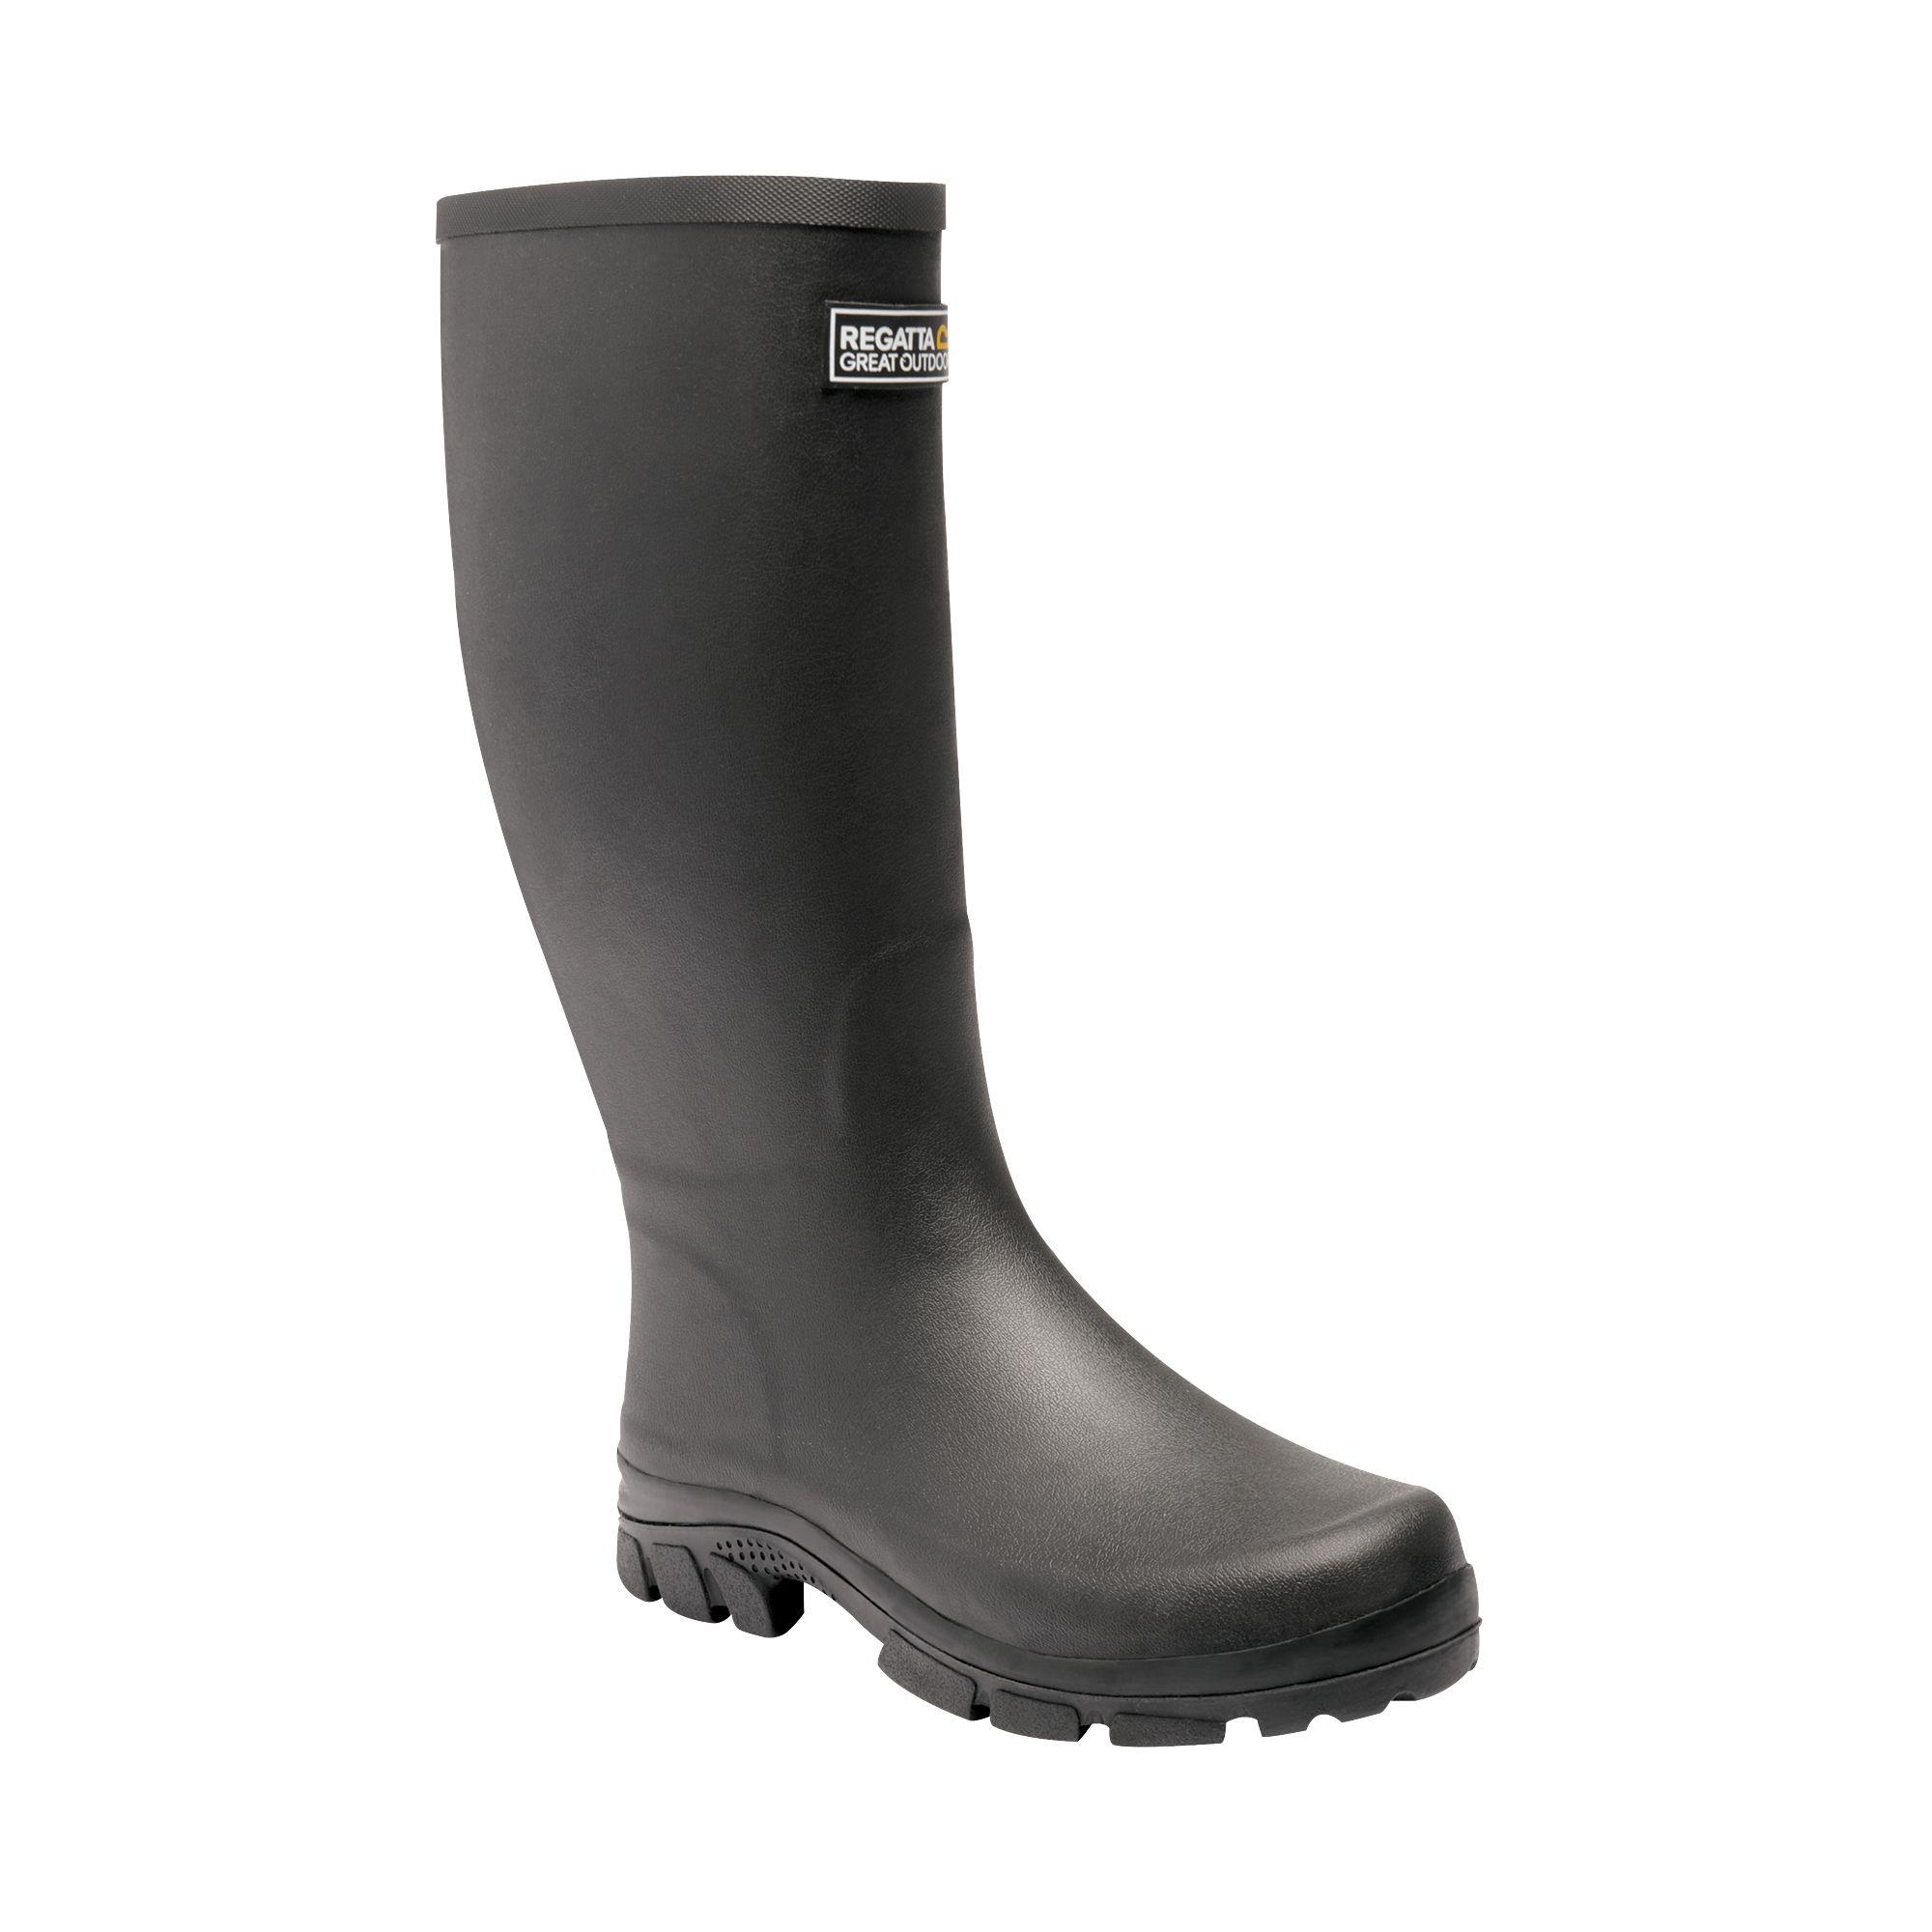 Men's black wellington boots.